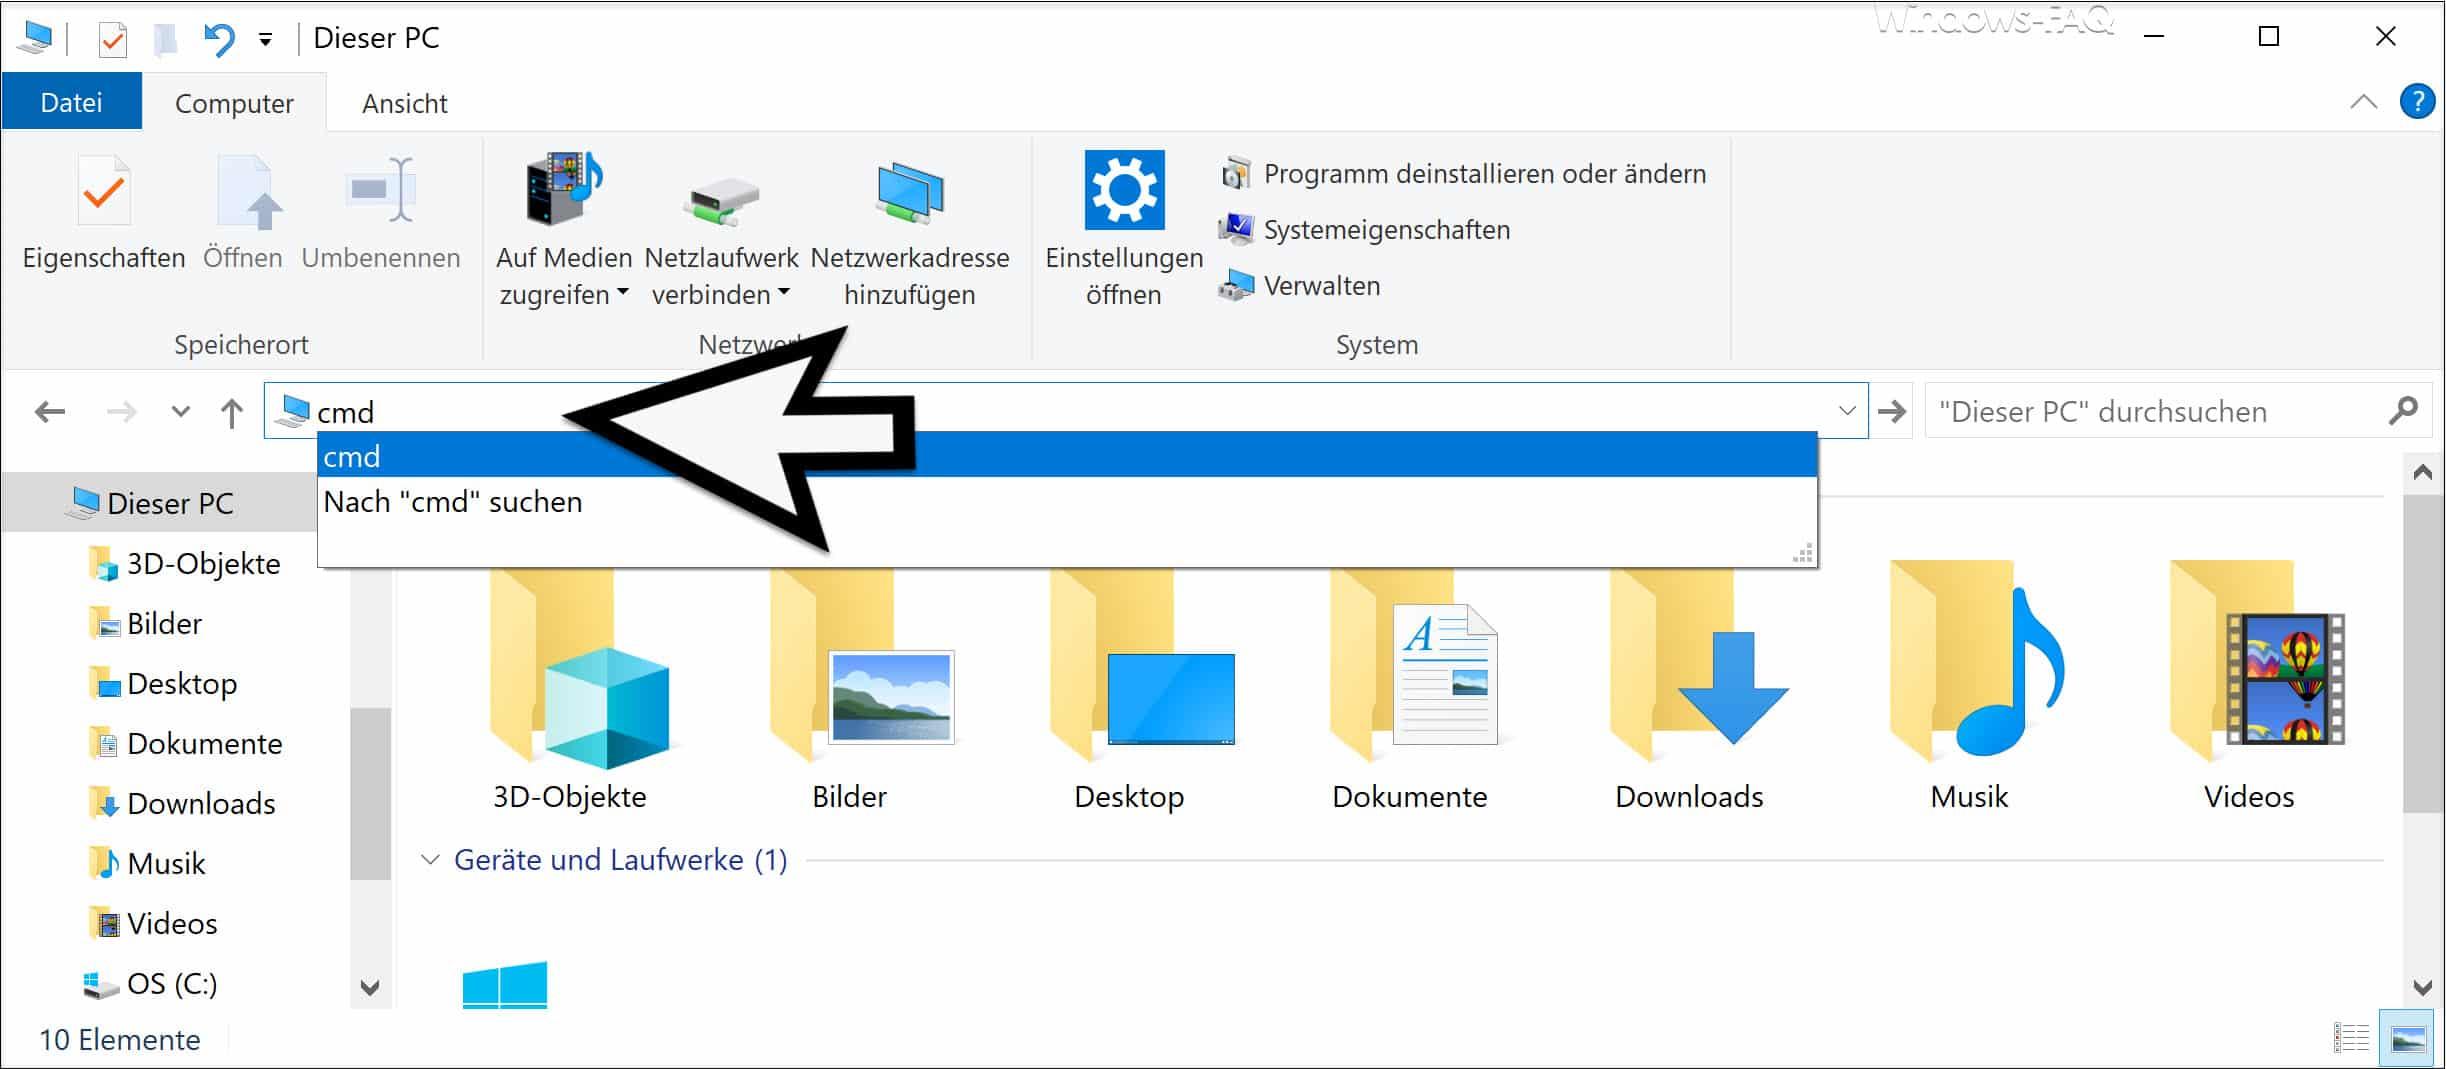 CMD in Explorer Adressleiste eingeben